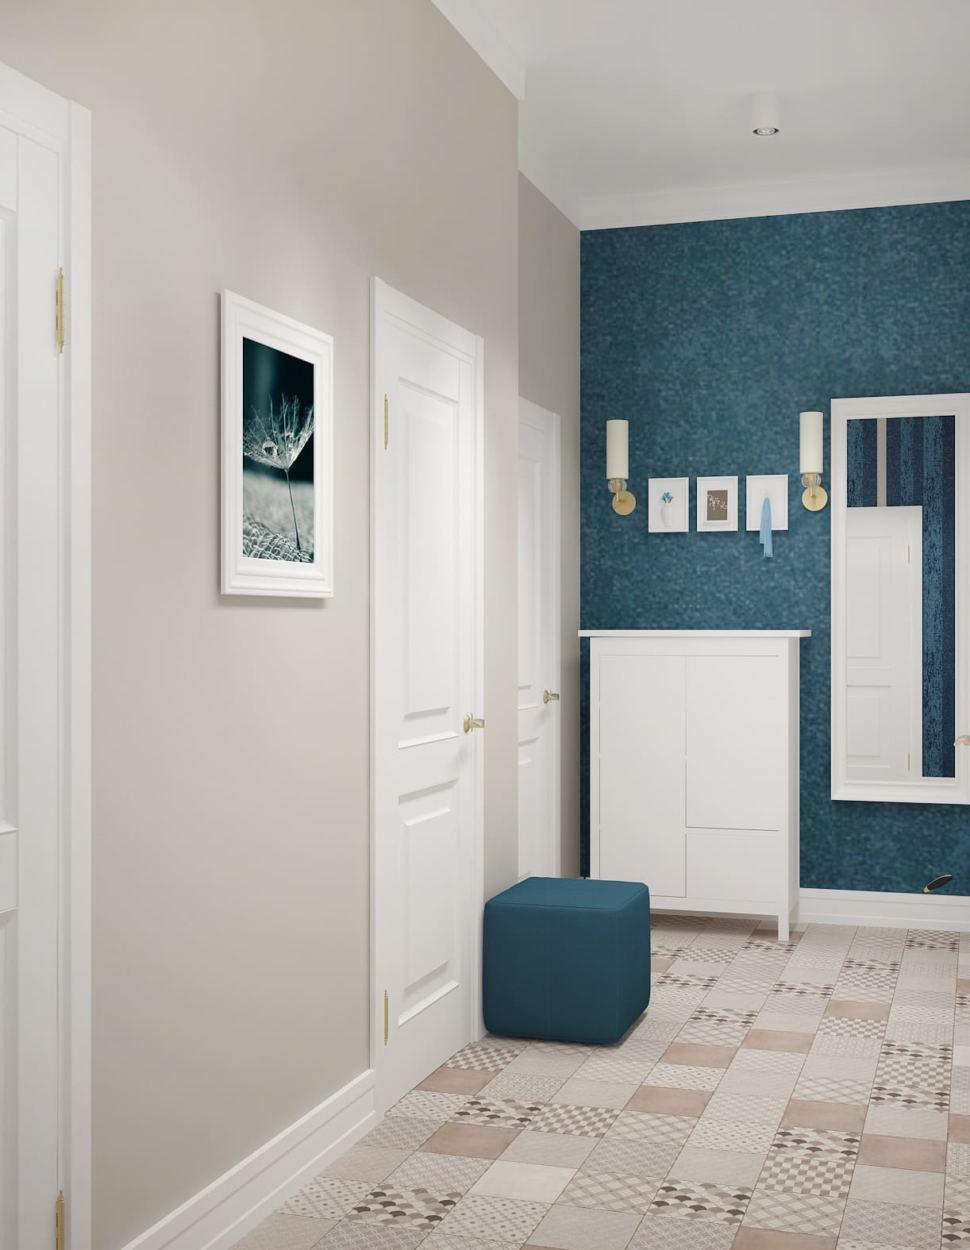 Дизайн-проект прихожей 7 кв.м в древесных и белых оттенках, белый комод, керамическая плитка, зеркало, синий пуф